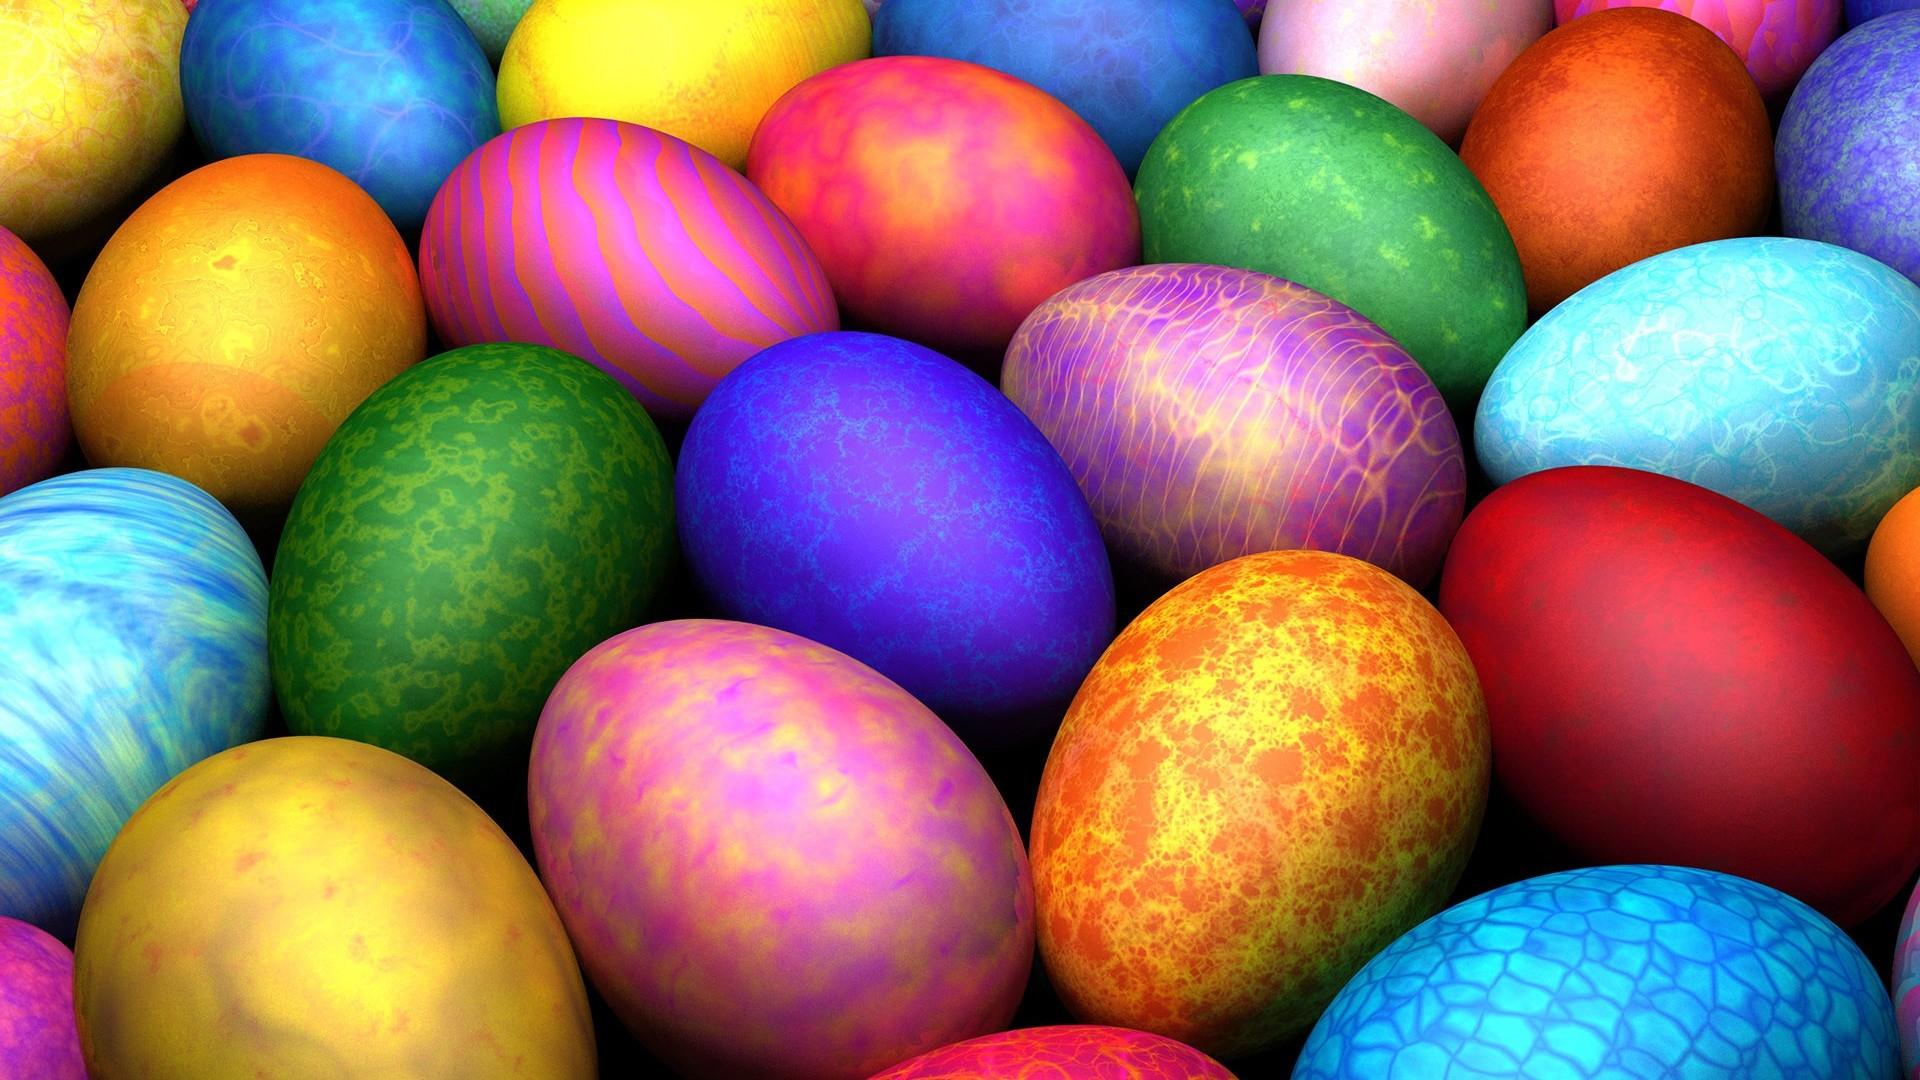 Easter-Egg-Wallpaper. Download